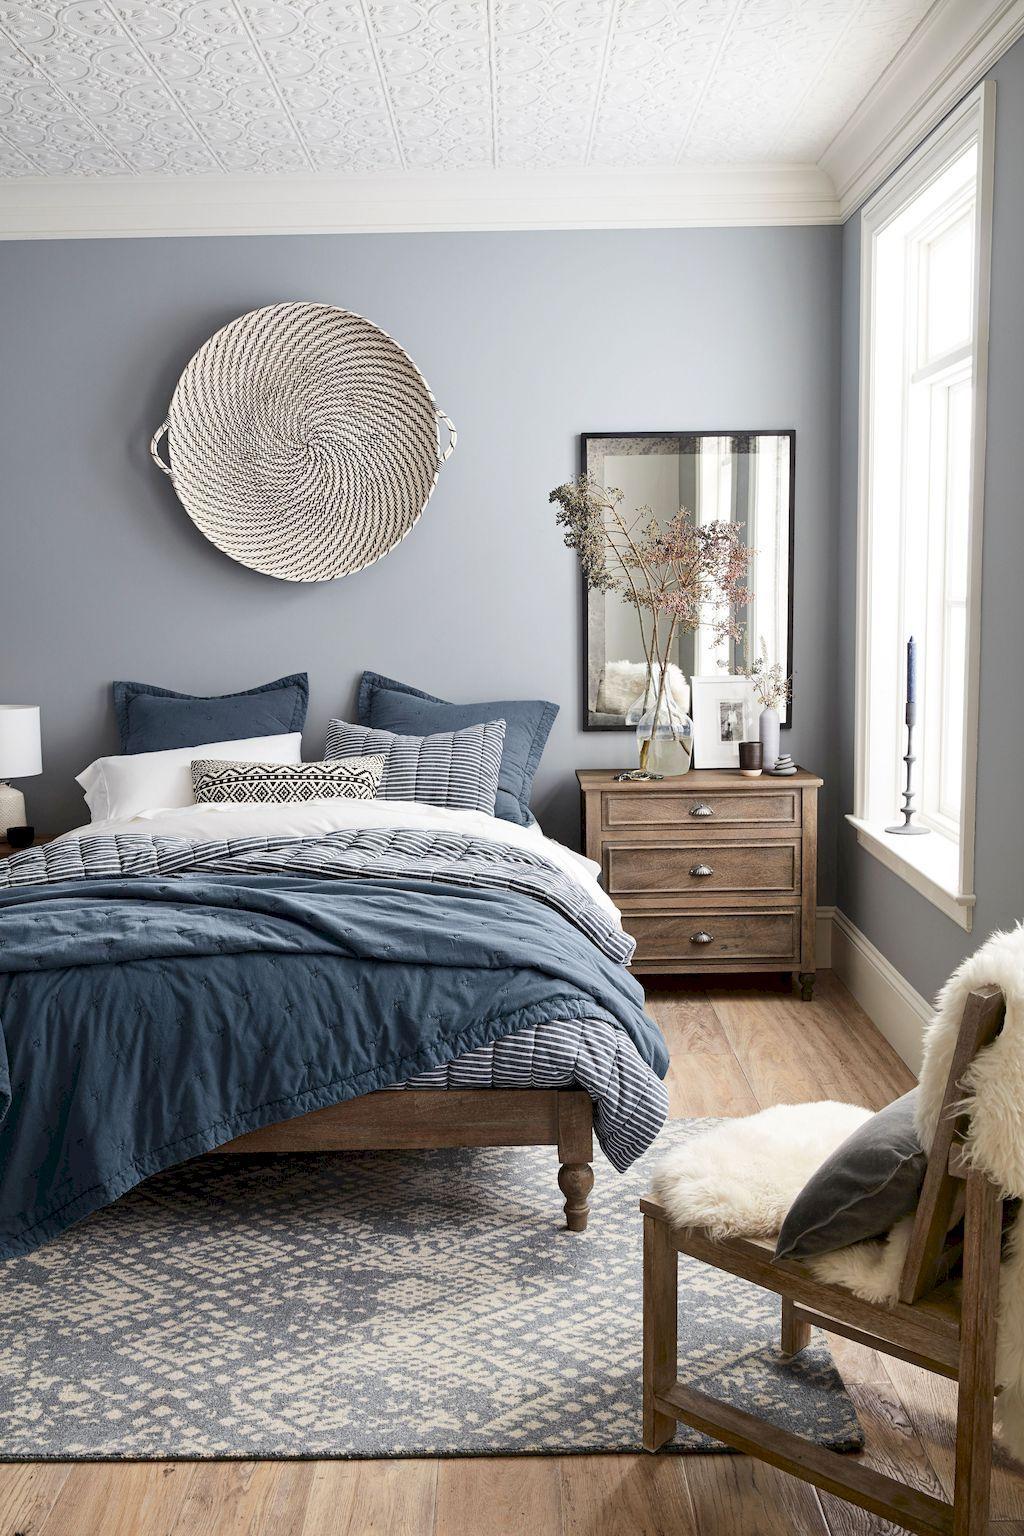 Minimalist Master Bedroom Ideas 75 Crowdecor Com Master Bedrooms Decor Master Bedroom Interior Small Master Bedroom